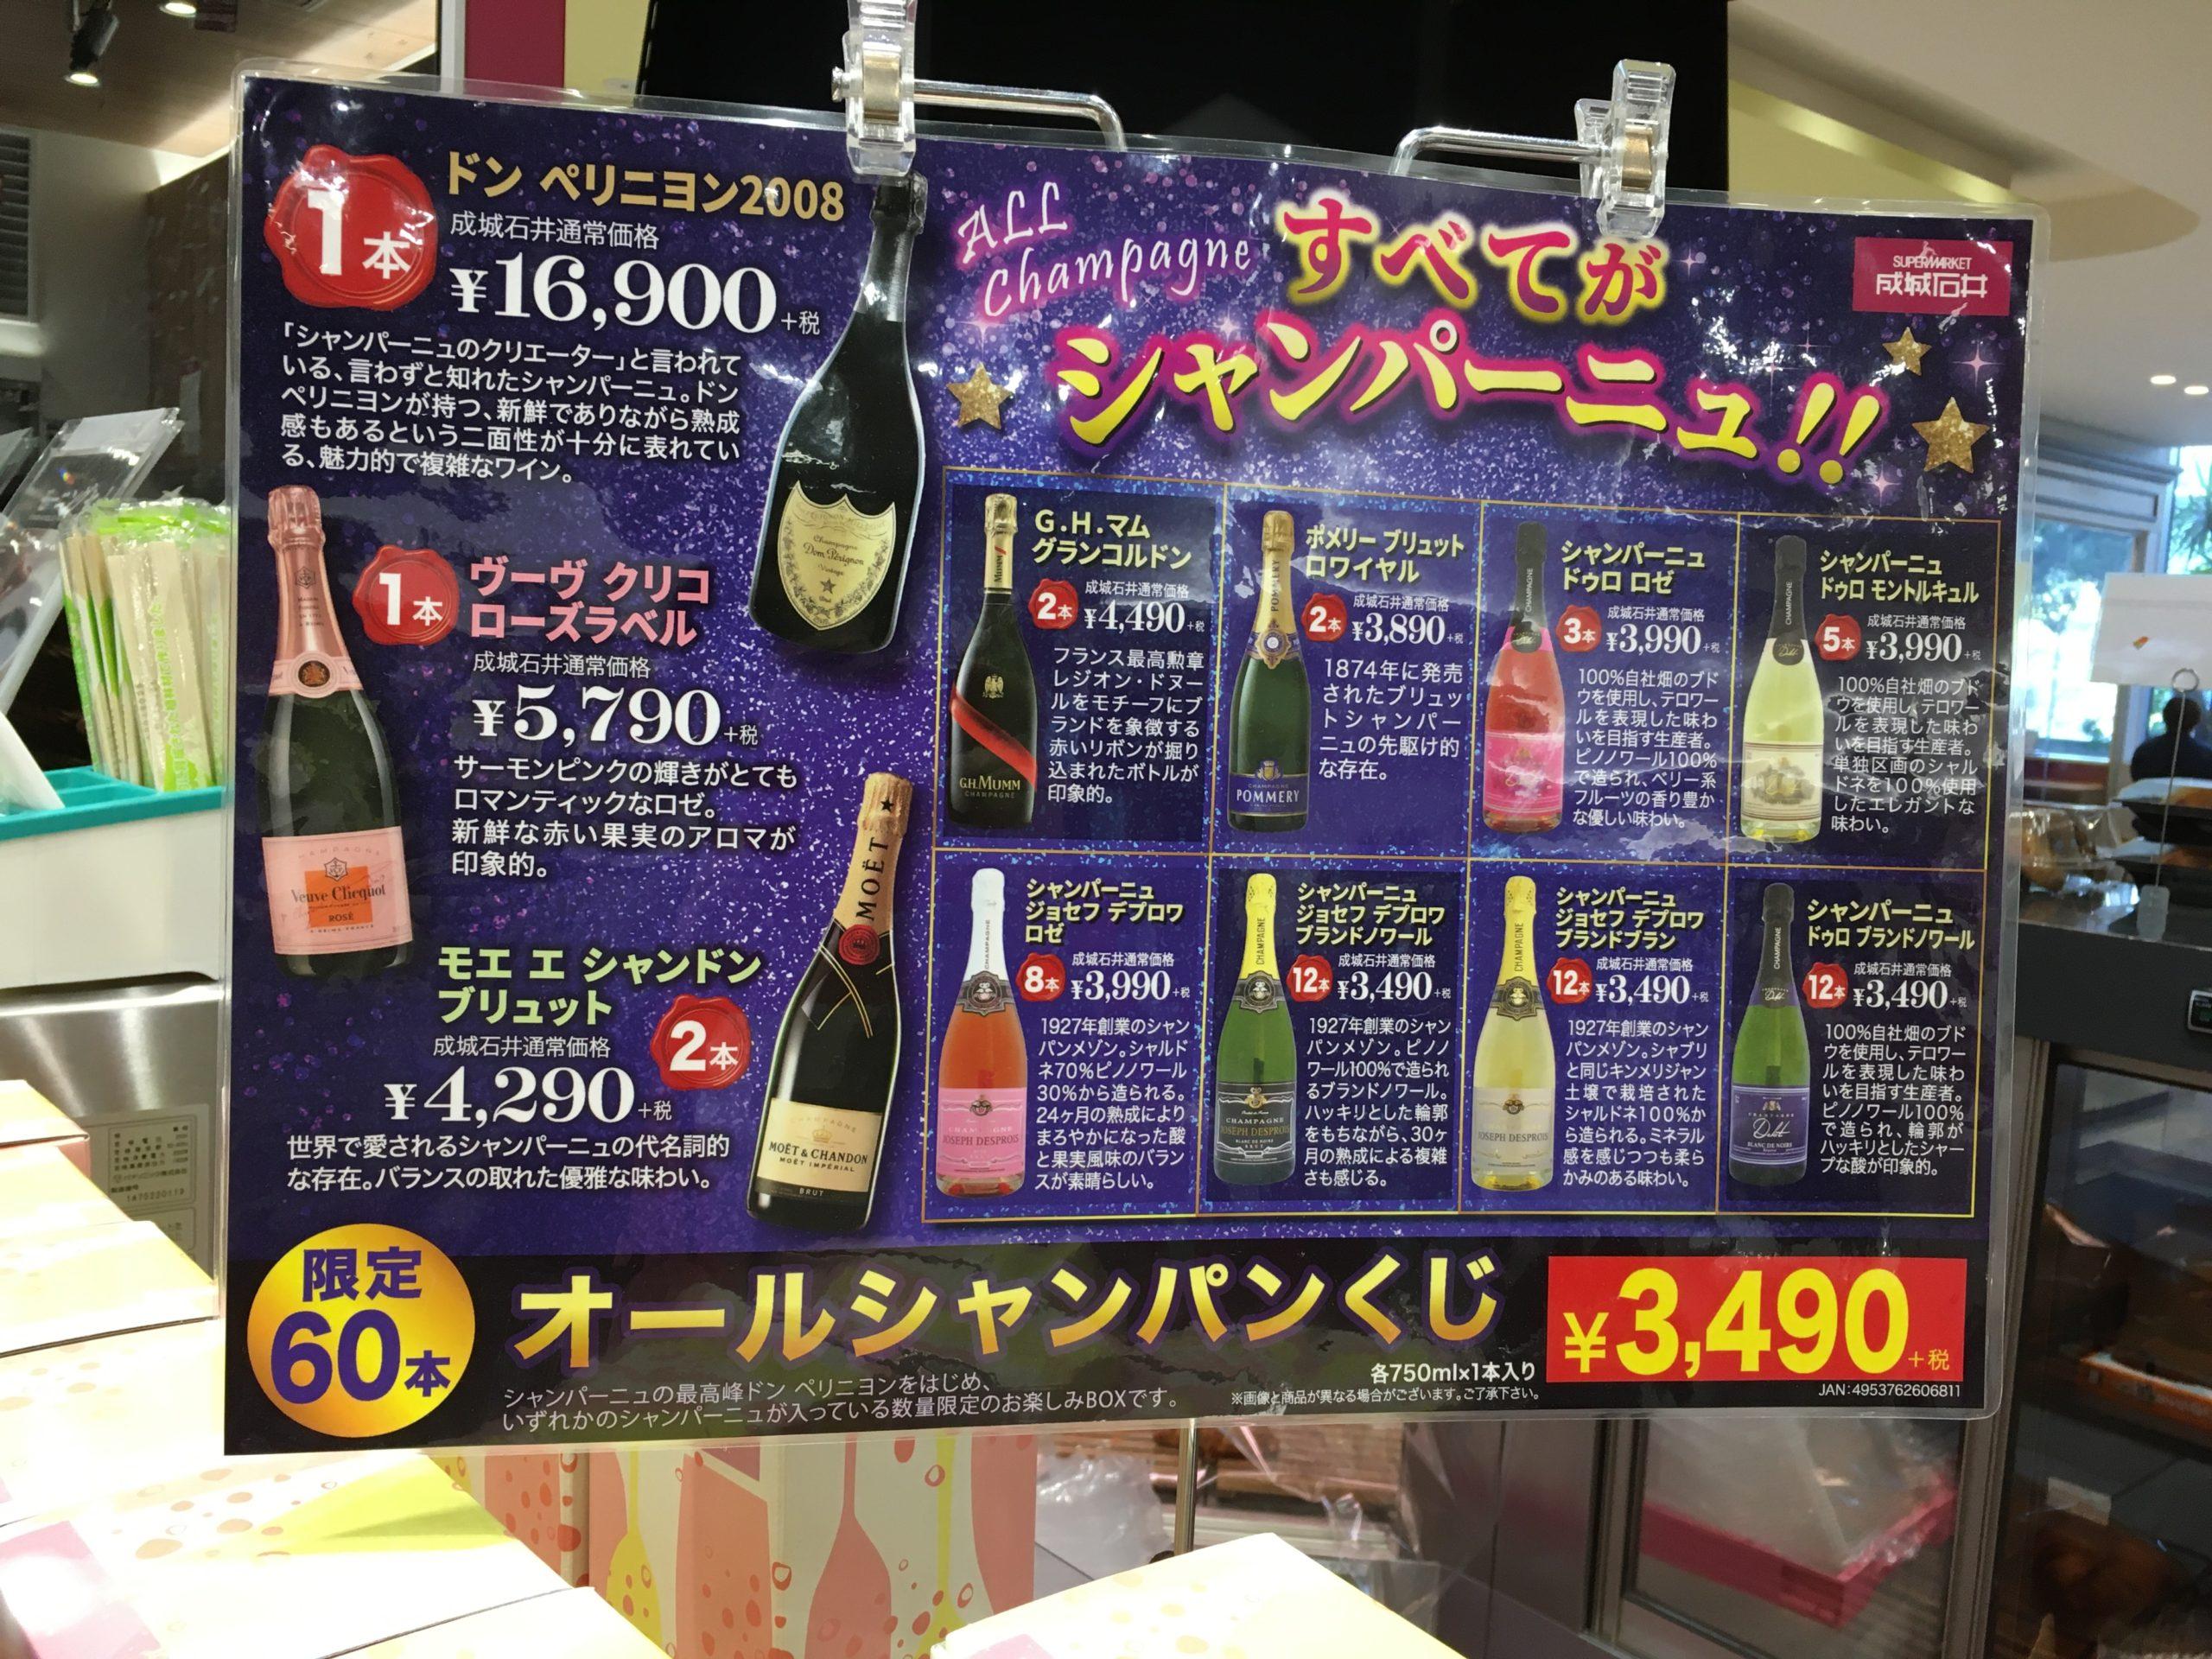 恵比寿の街であったこと。ラーメンとシャンパンの日。恵比寿散歩